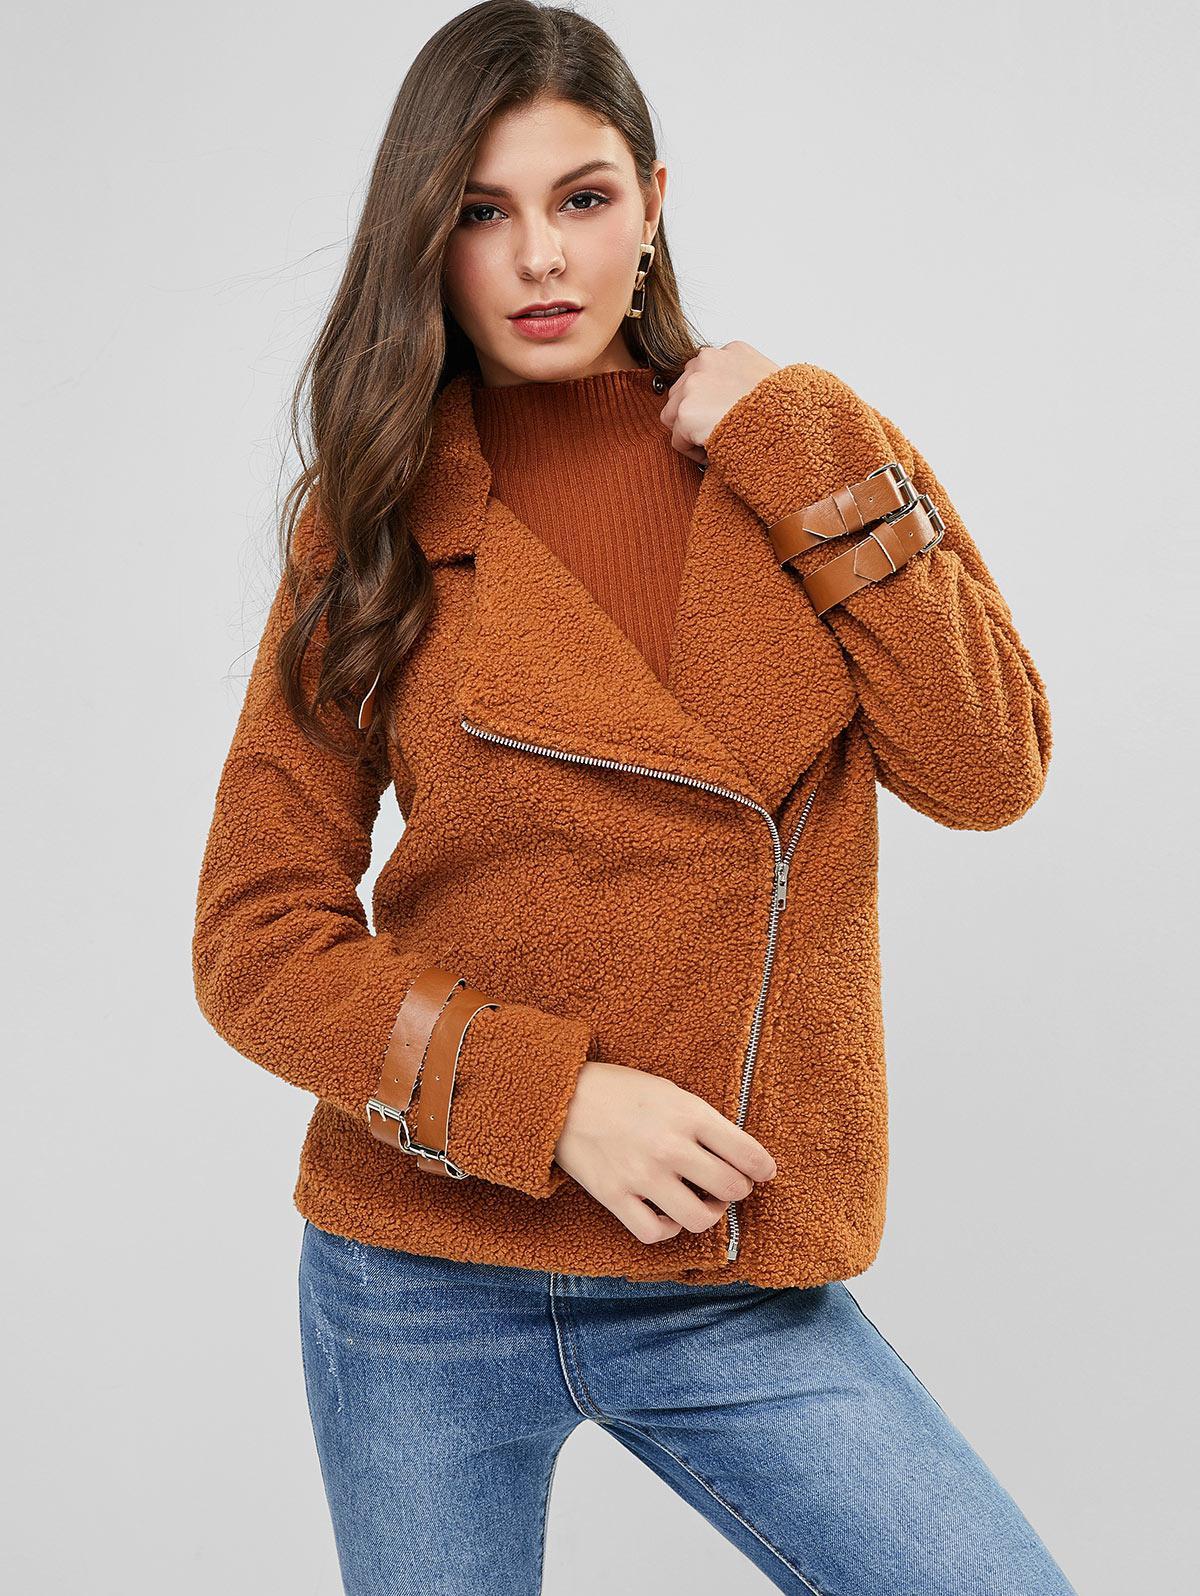 Buckle Inclined Zipper Teddy Coat